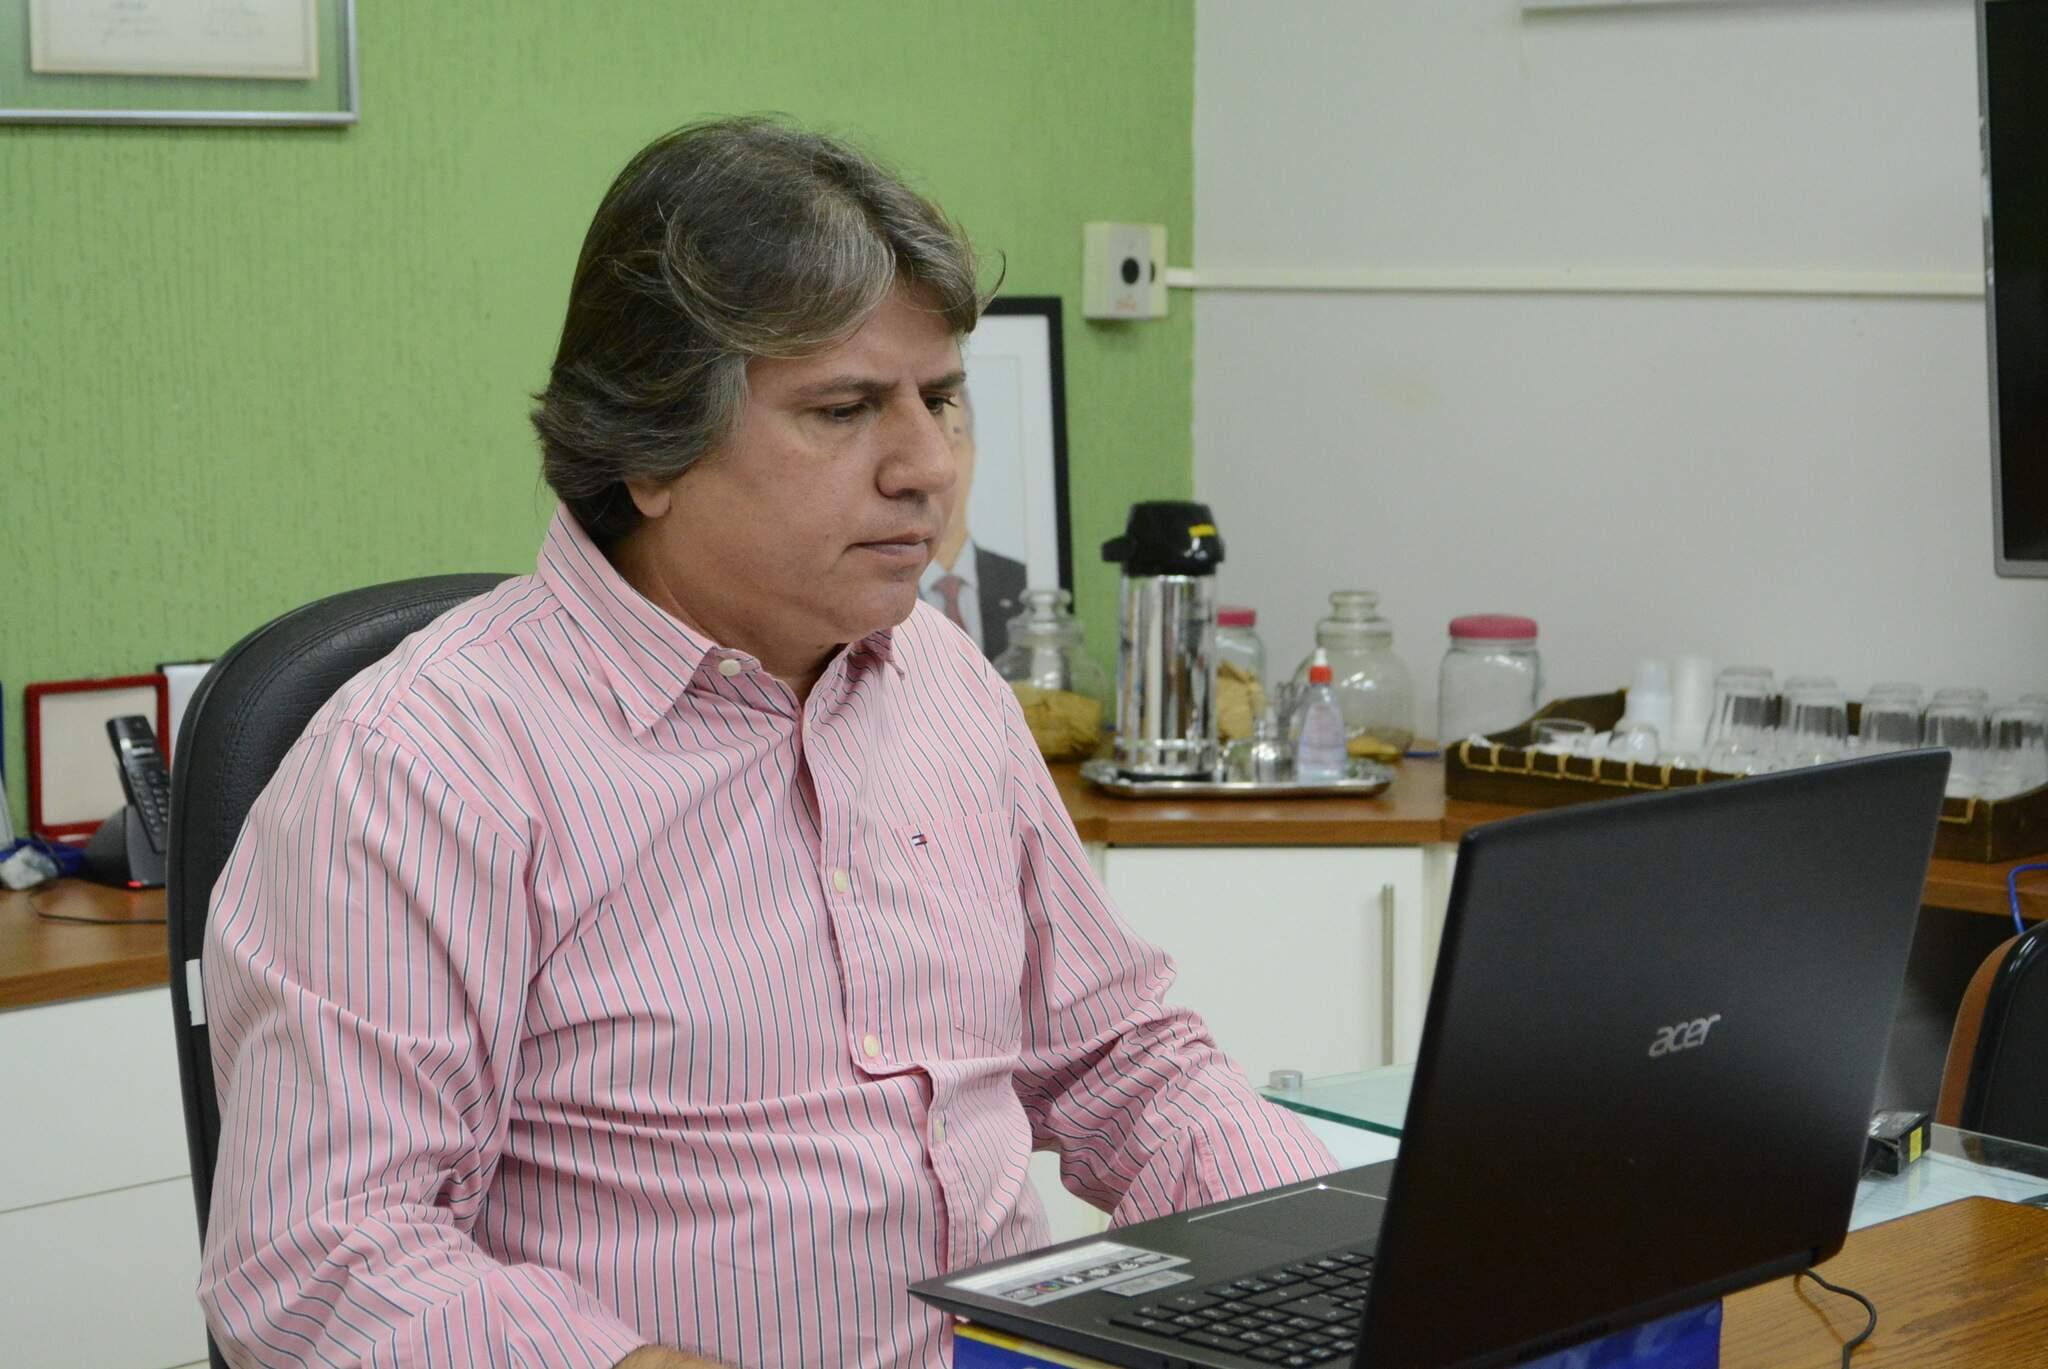 Presidente da Assomasul Pedro Caravina diz que ajuda alivia em parte a situação (Divulgação)